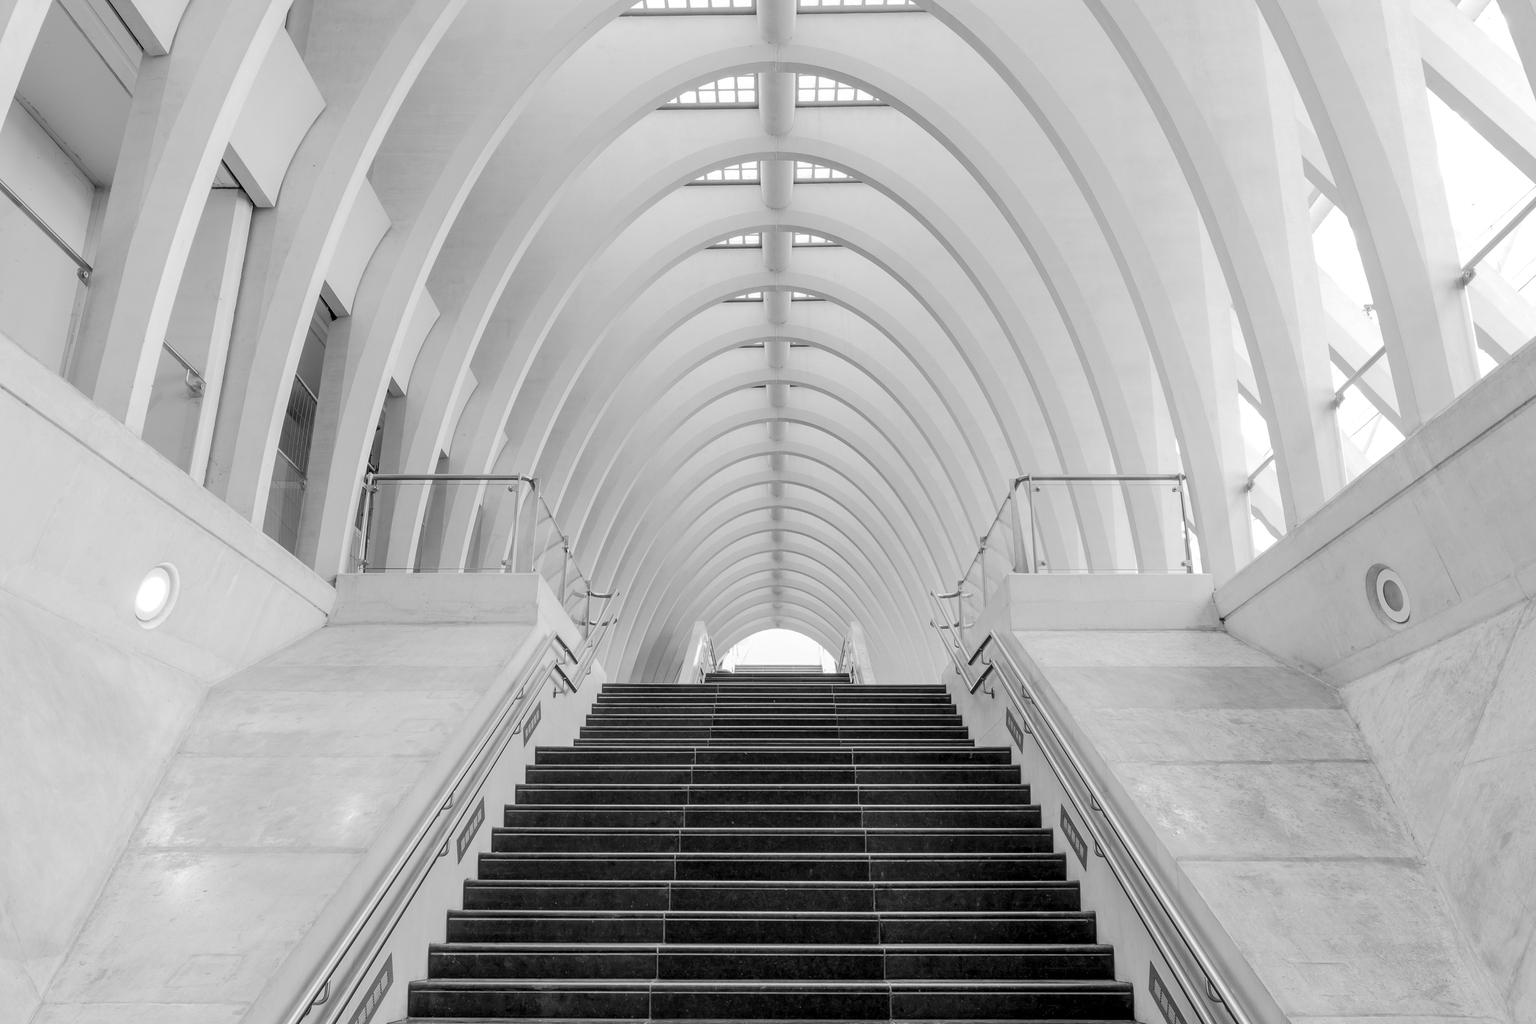 station luik - station luik - foto door lianedeprost op 10-04-2021 - deze foto bevat: station luik, zwart wit, architectuur, armatuur, architectuur, lijn, symmetrie, samengesteld materiaal, parallel, tinten en schakeringen, trap, monochrome fotografie, bouwmateriaal